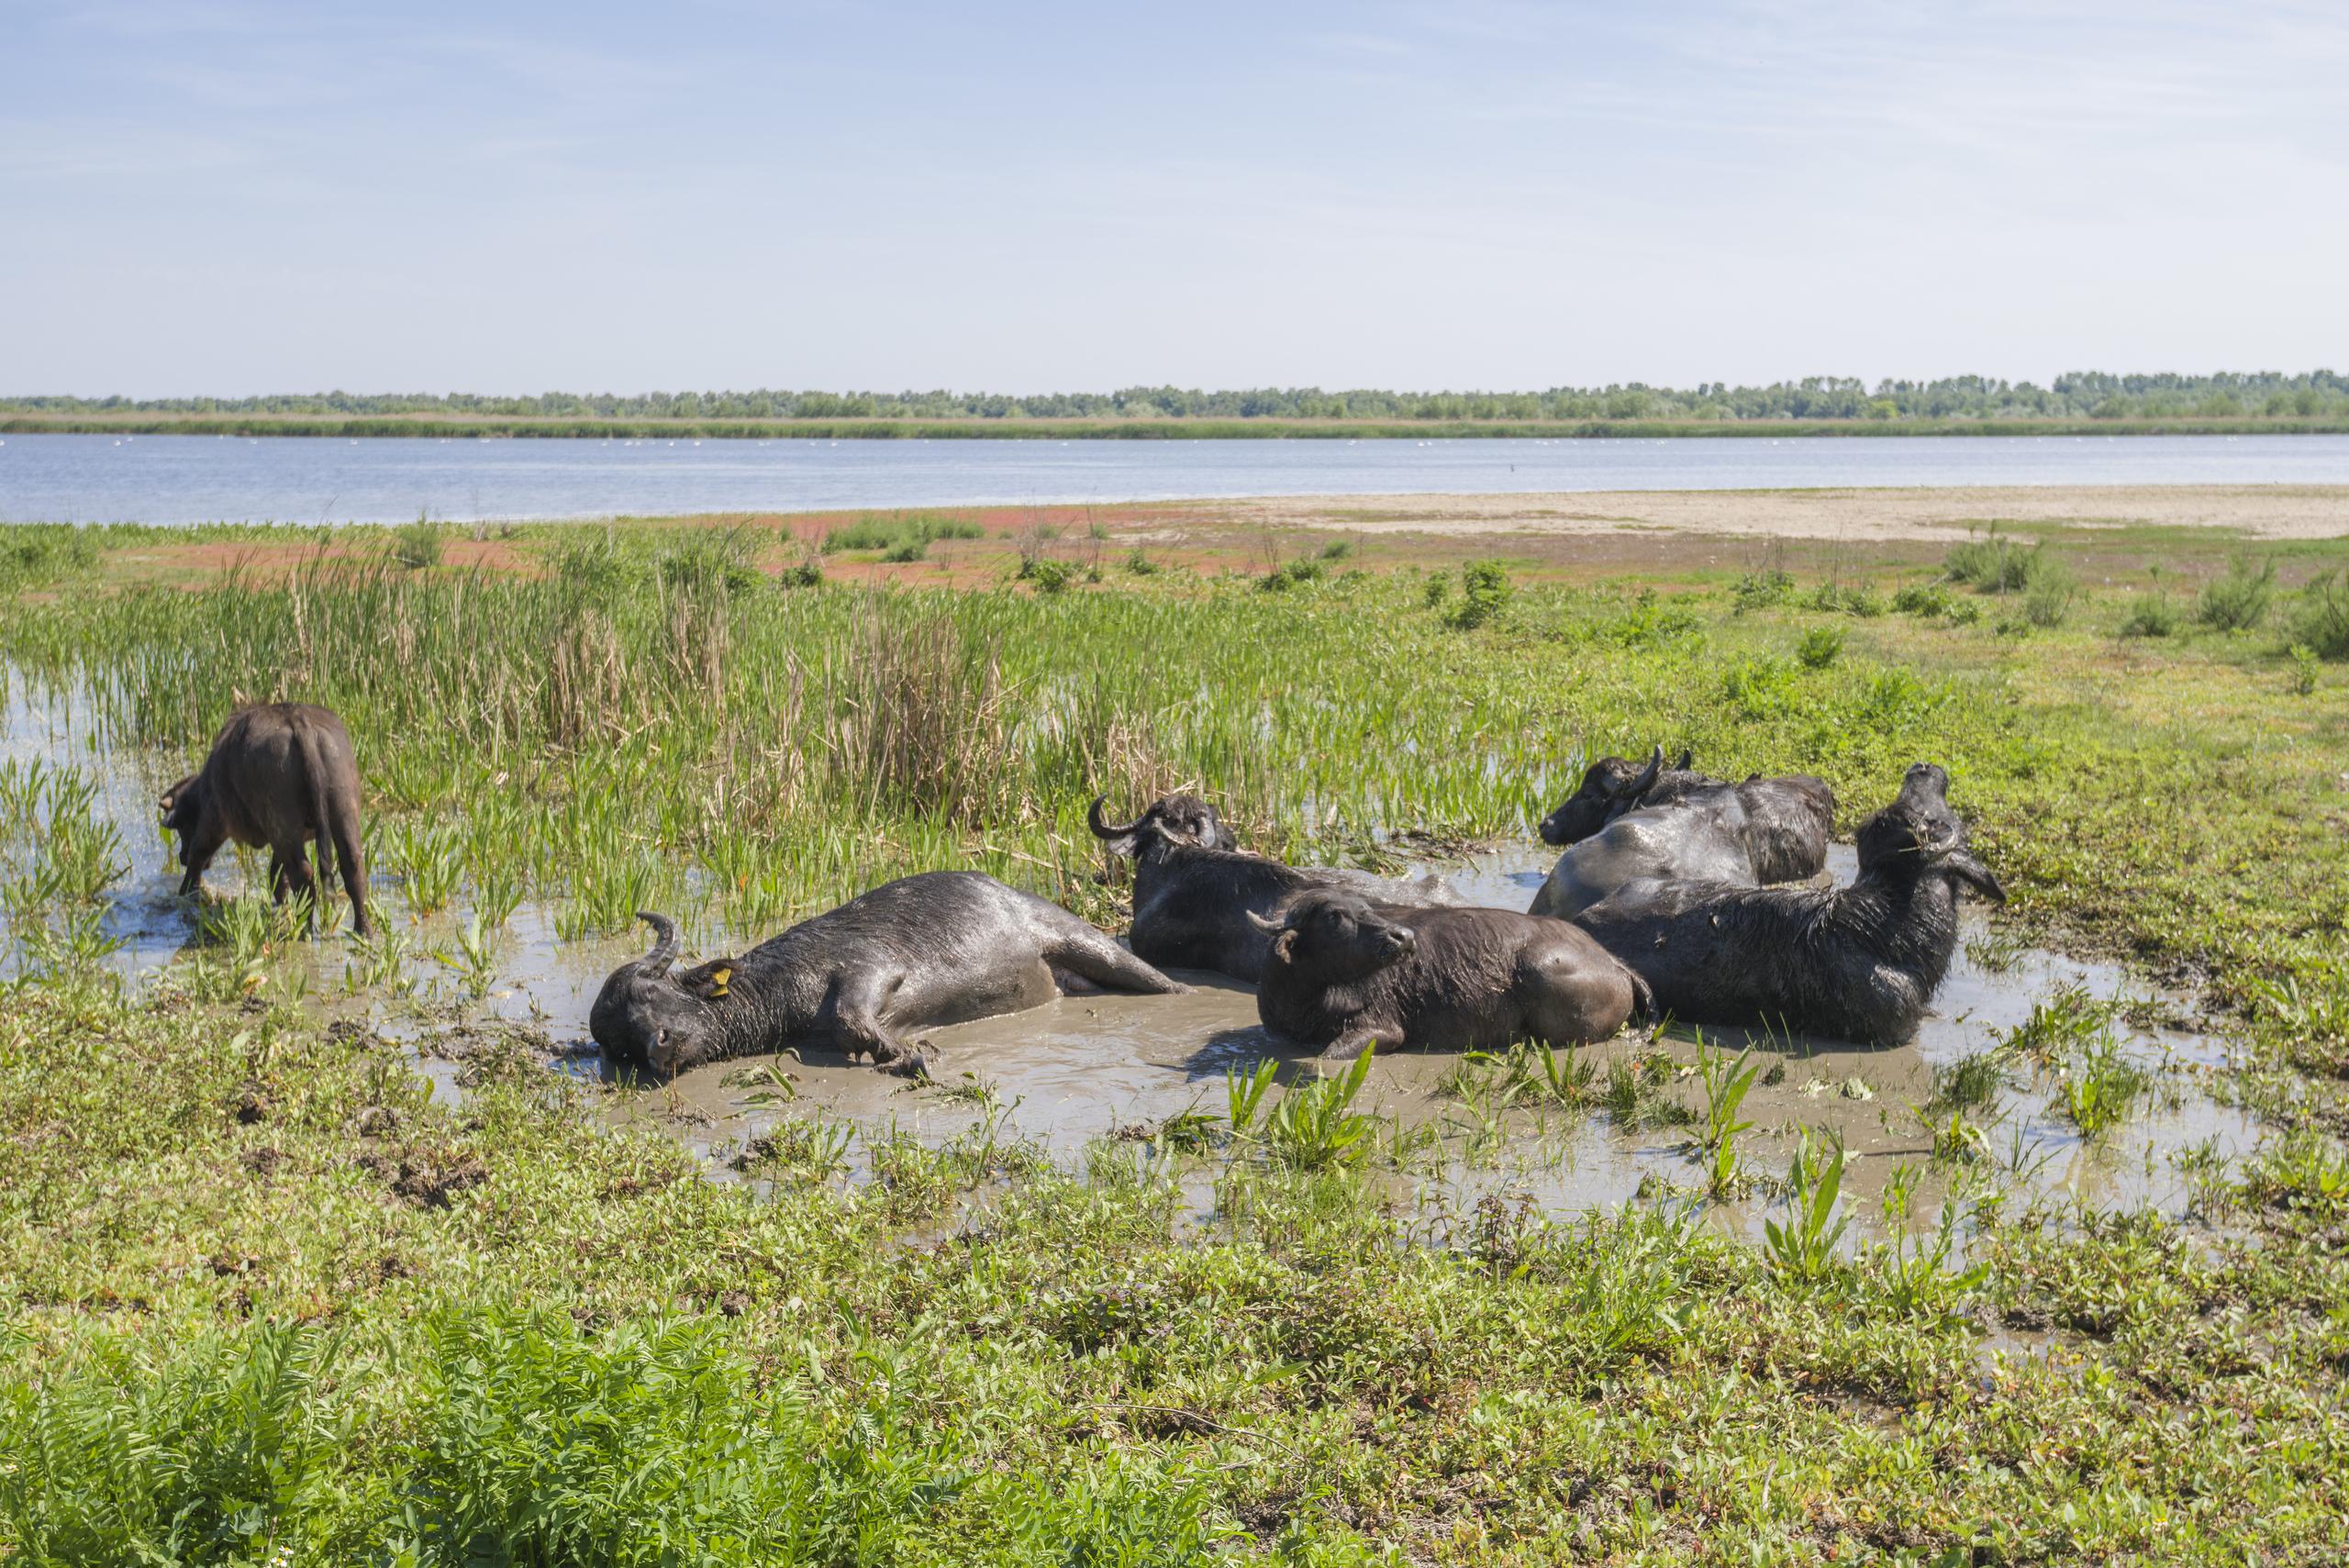 Стадо буйволов лежит в луже на затопленном лугу. Водяной буйвол (Bubalus bubalis bubalis)